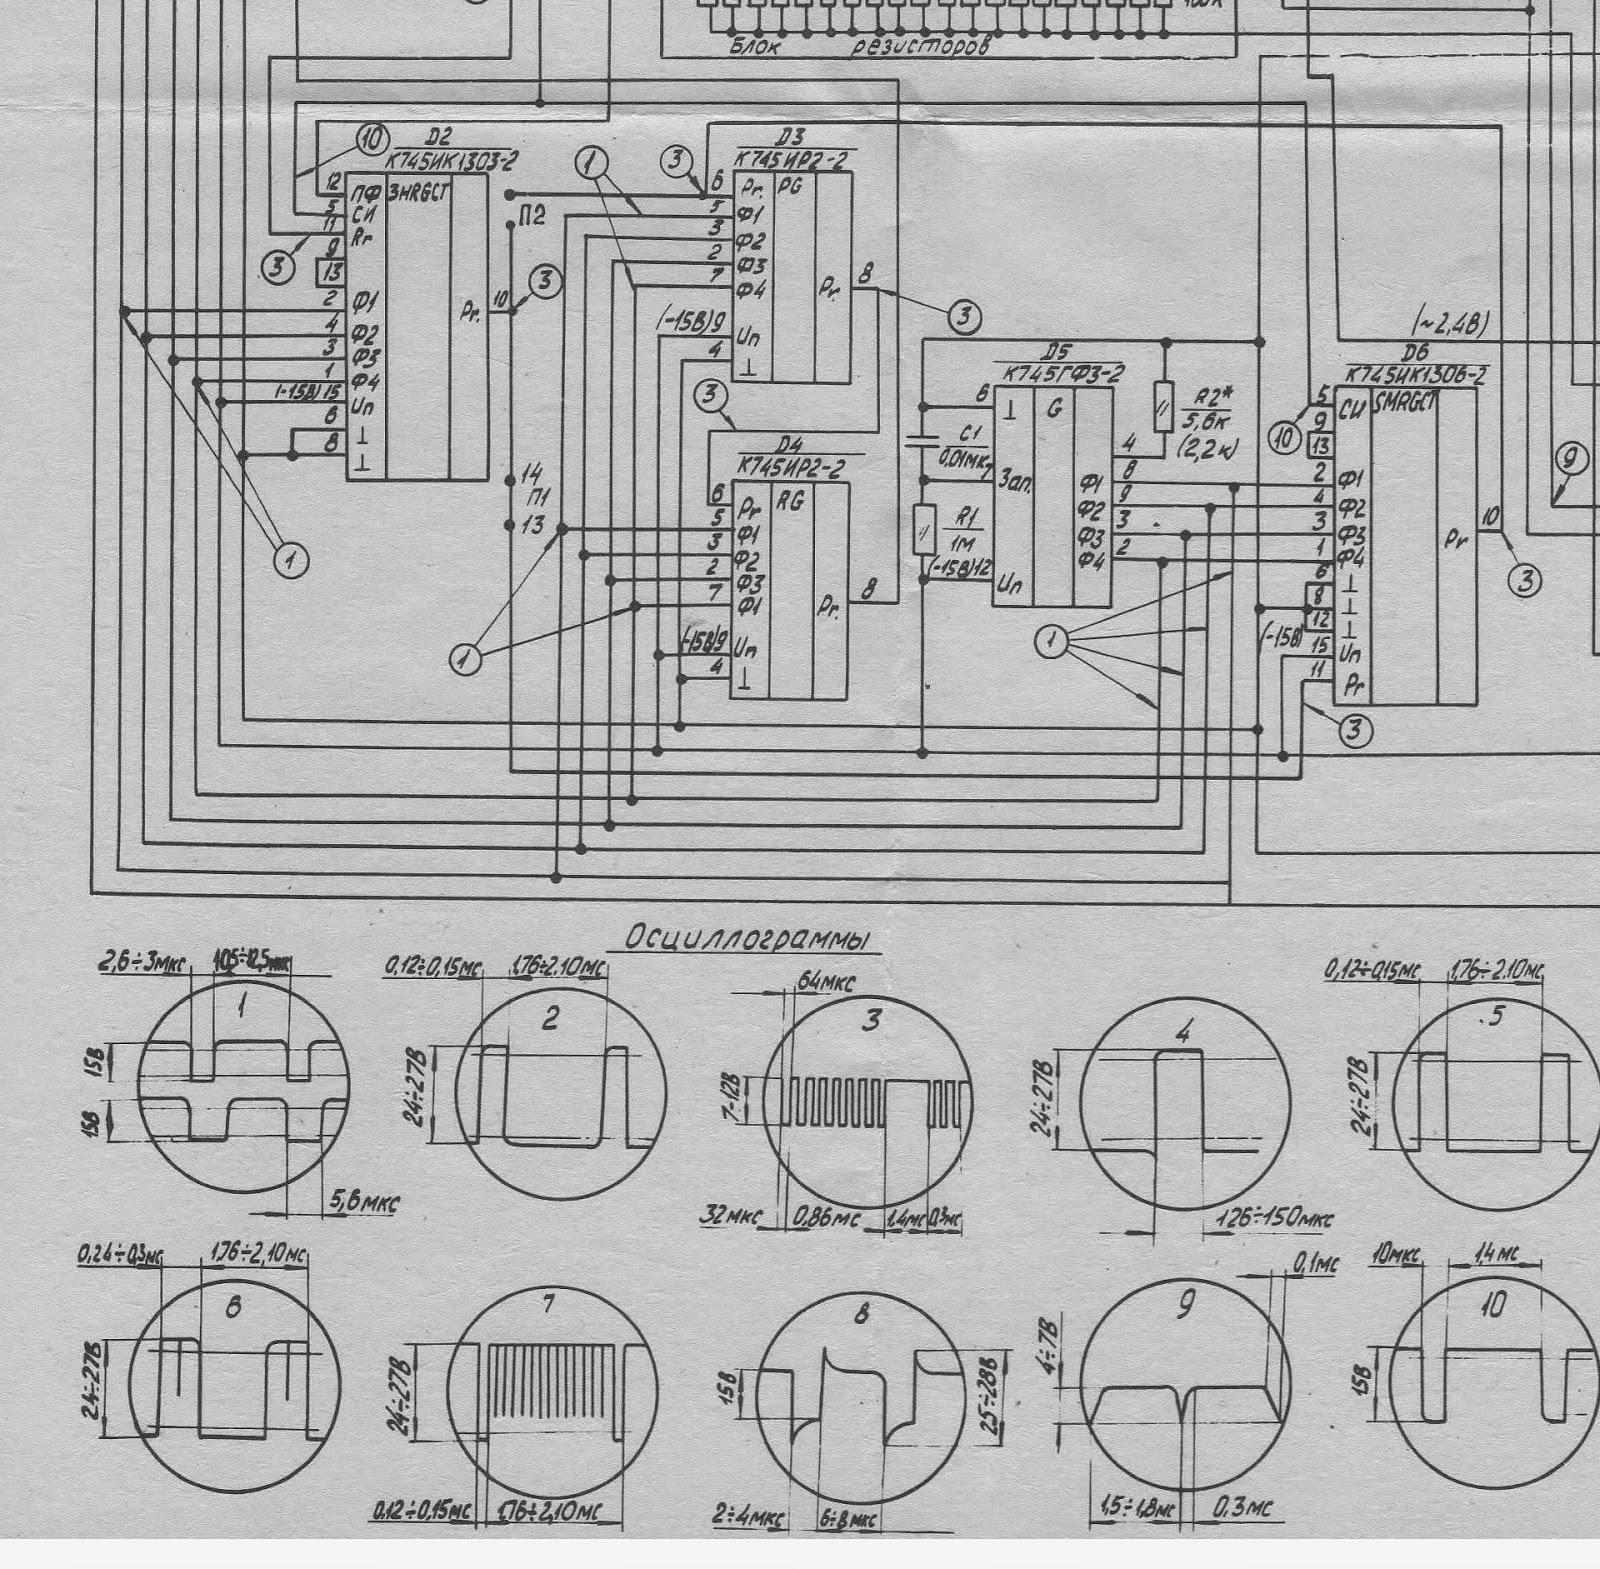 [Image: MK-52_schema_jm1_grey_part2.jpg]